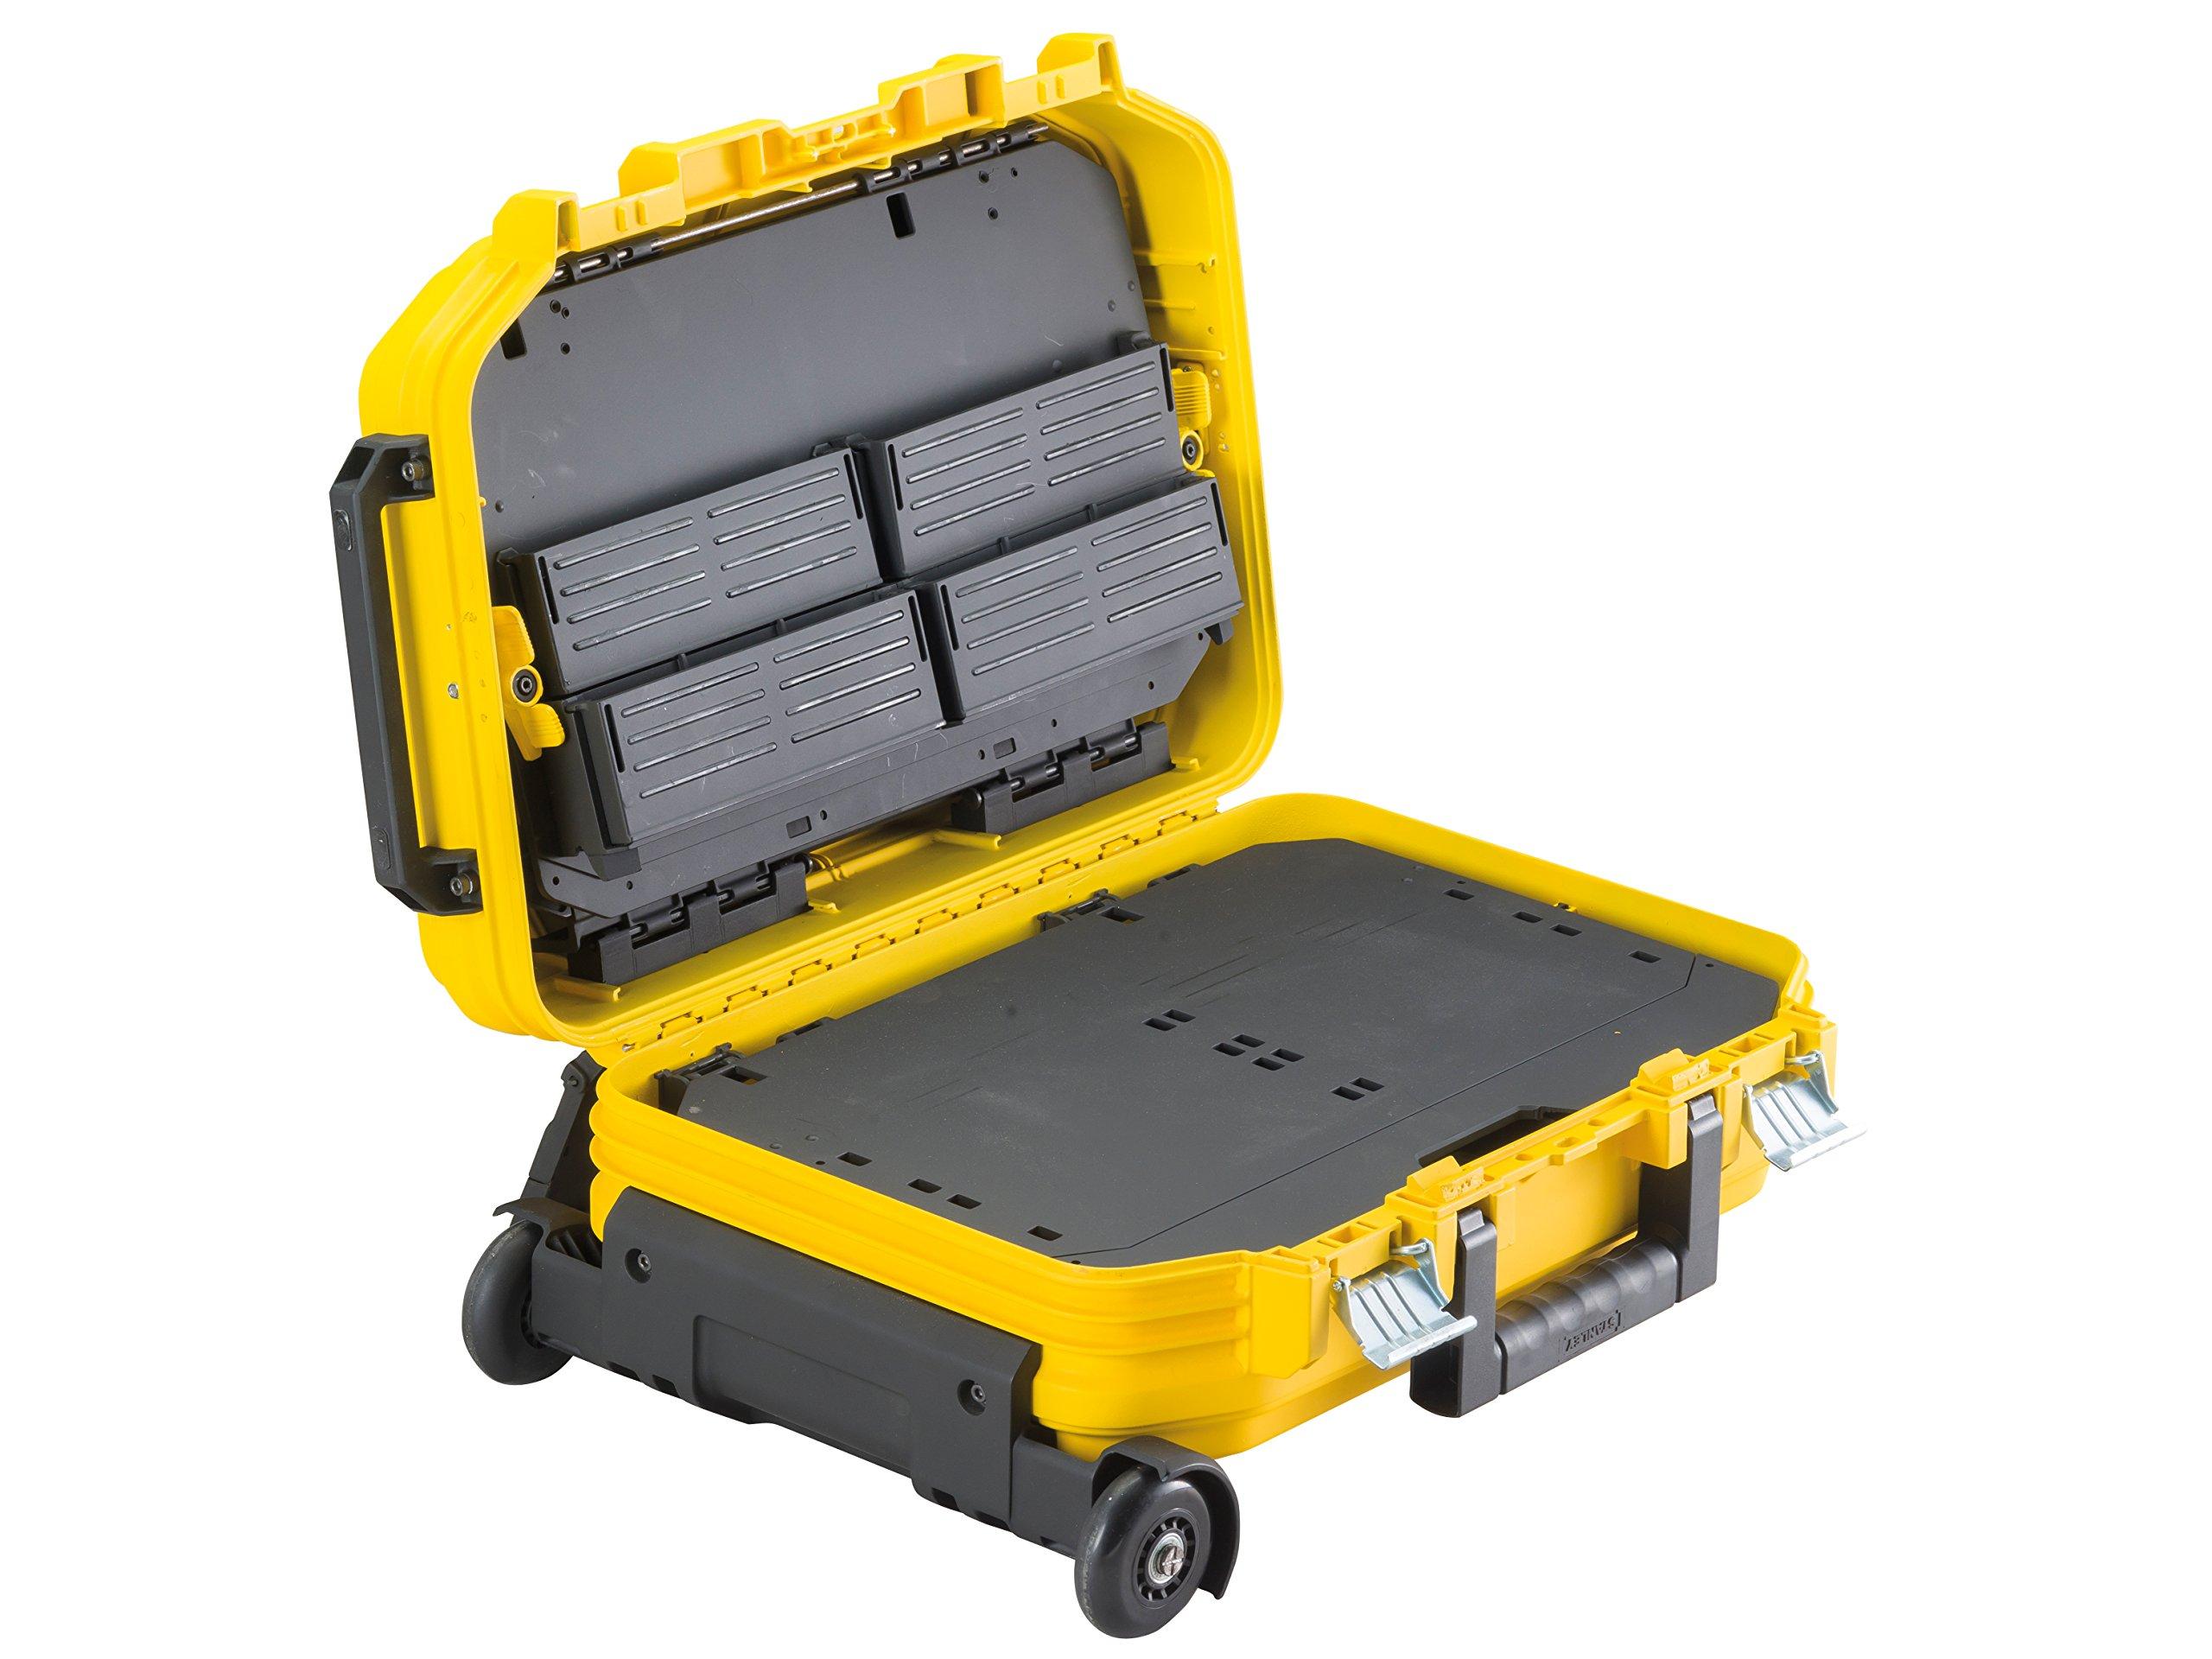 Stanley-FatMax-Werkzeugkoffer-40-x-54-x-235-cm-Werkzeugaufbewahrung-mit-Trolley-und-Teleskophandgriff-fr-Werkzeuge-und-Zubehr-fiberglasverstrkte-Akkordeonstruktur-FMST1-72383